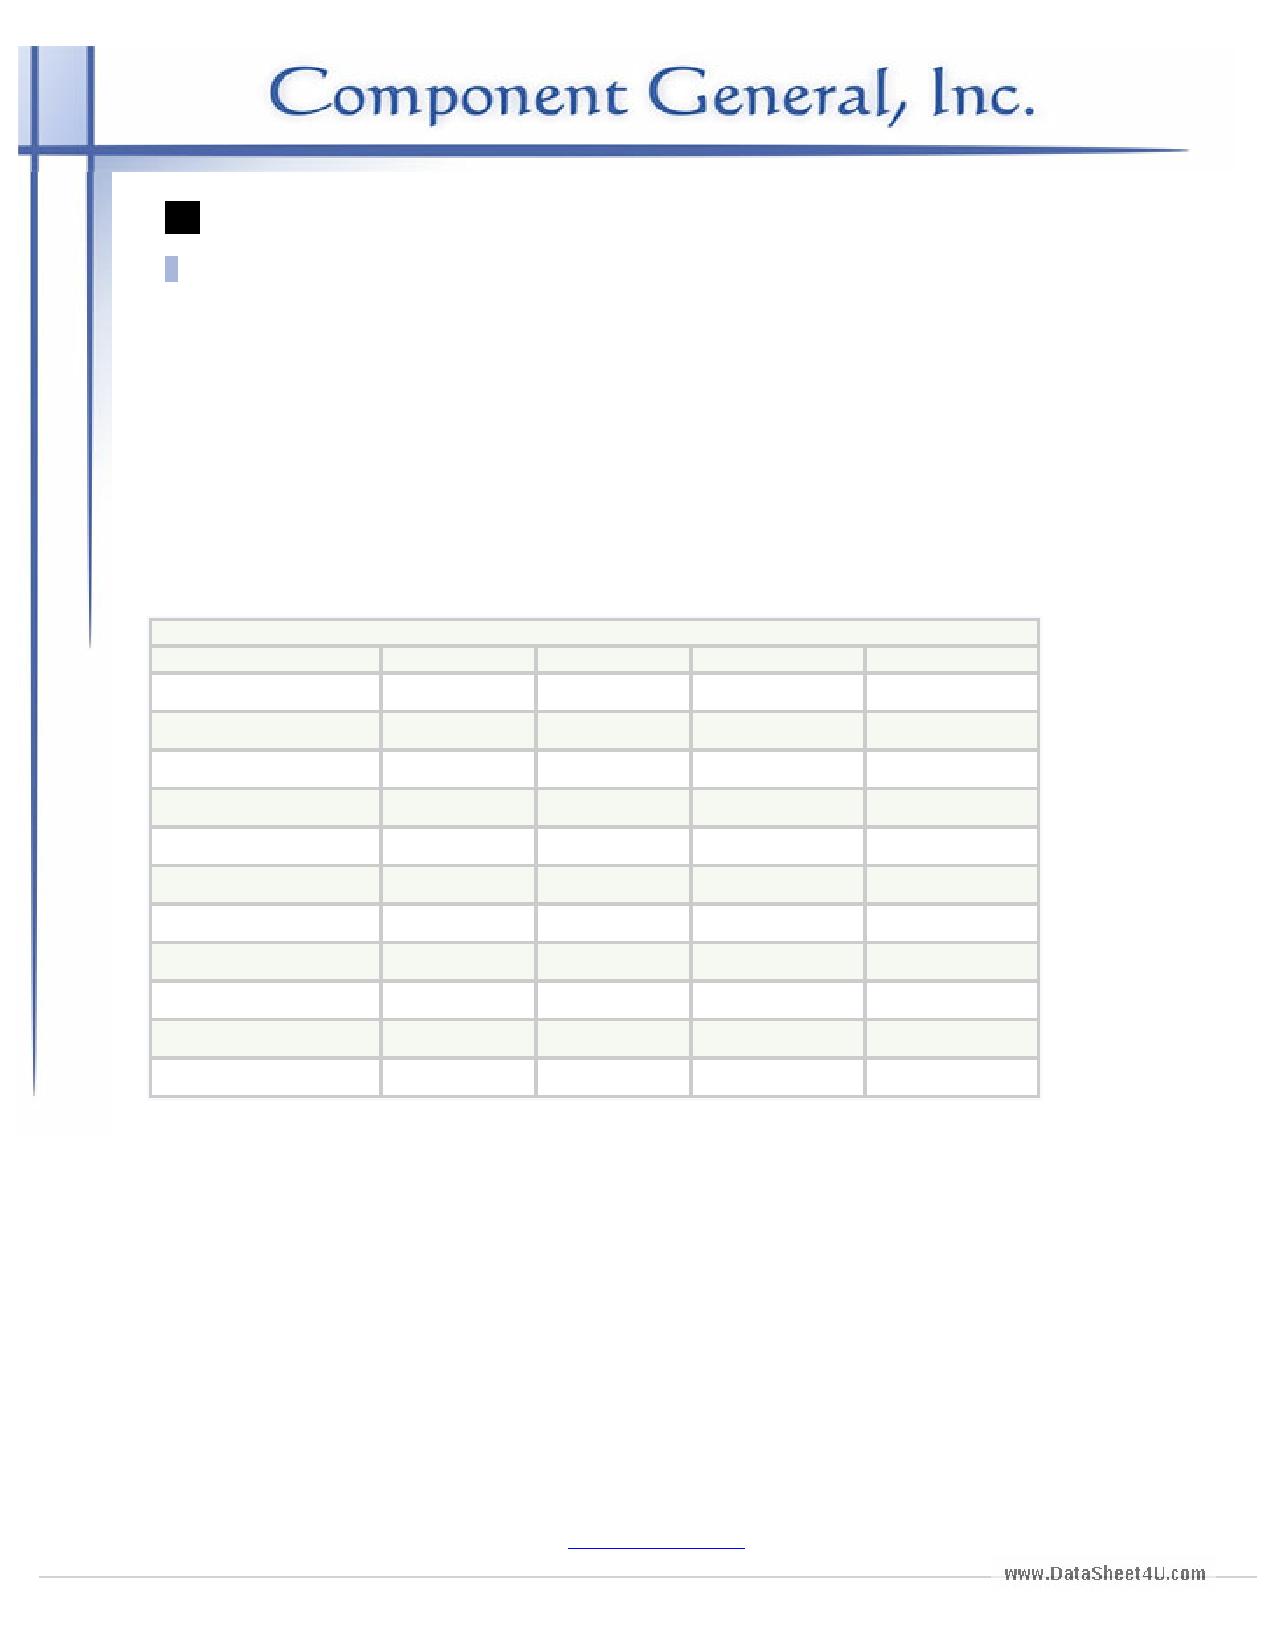 CFT-10SF datasheet